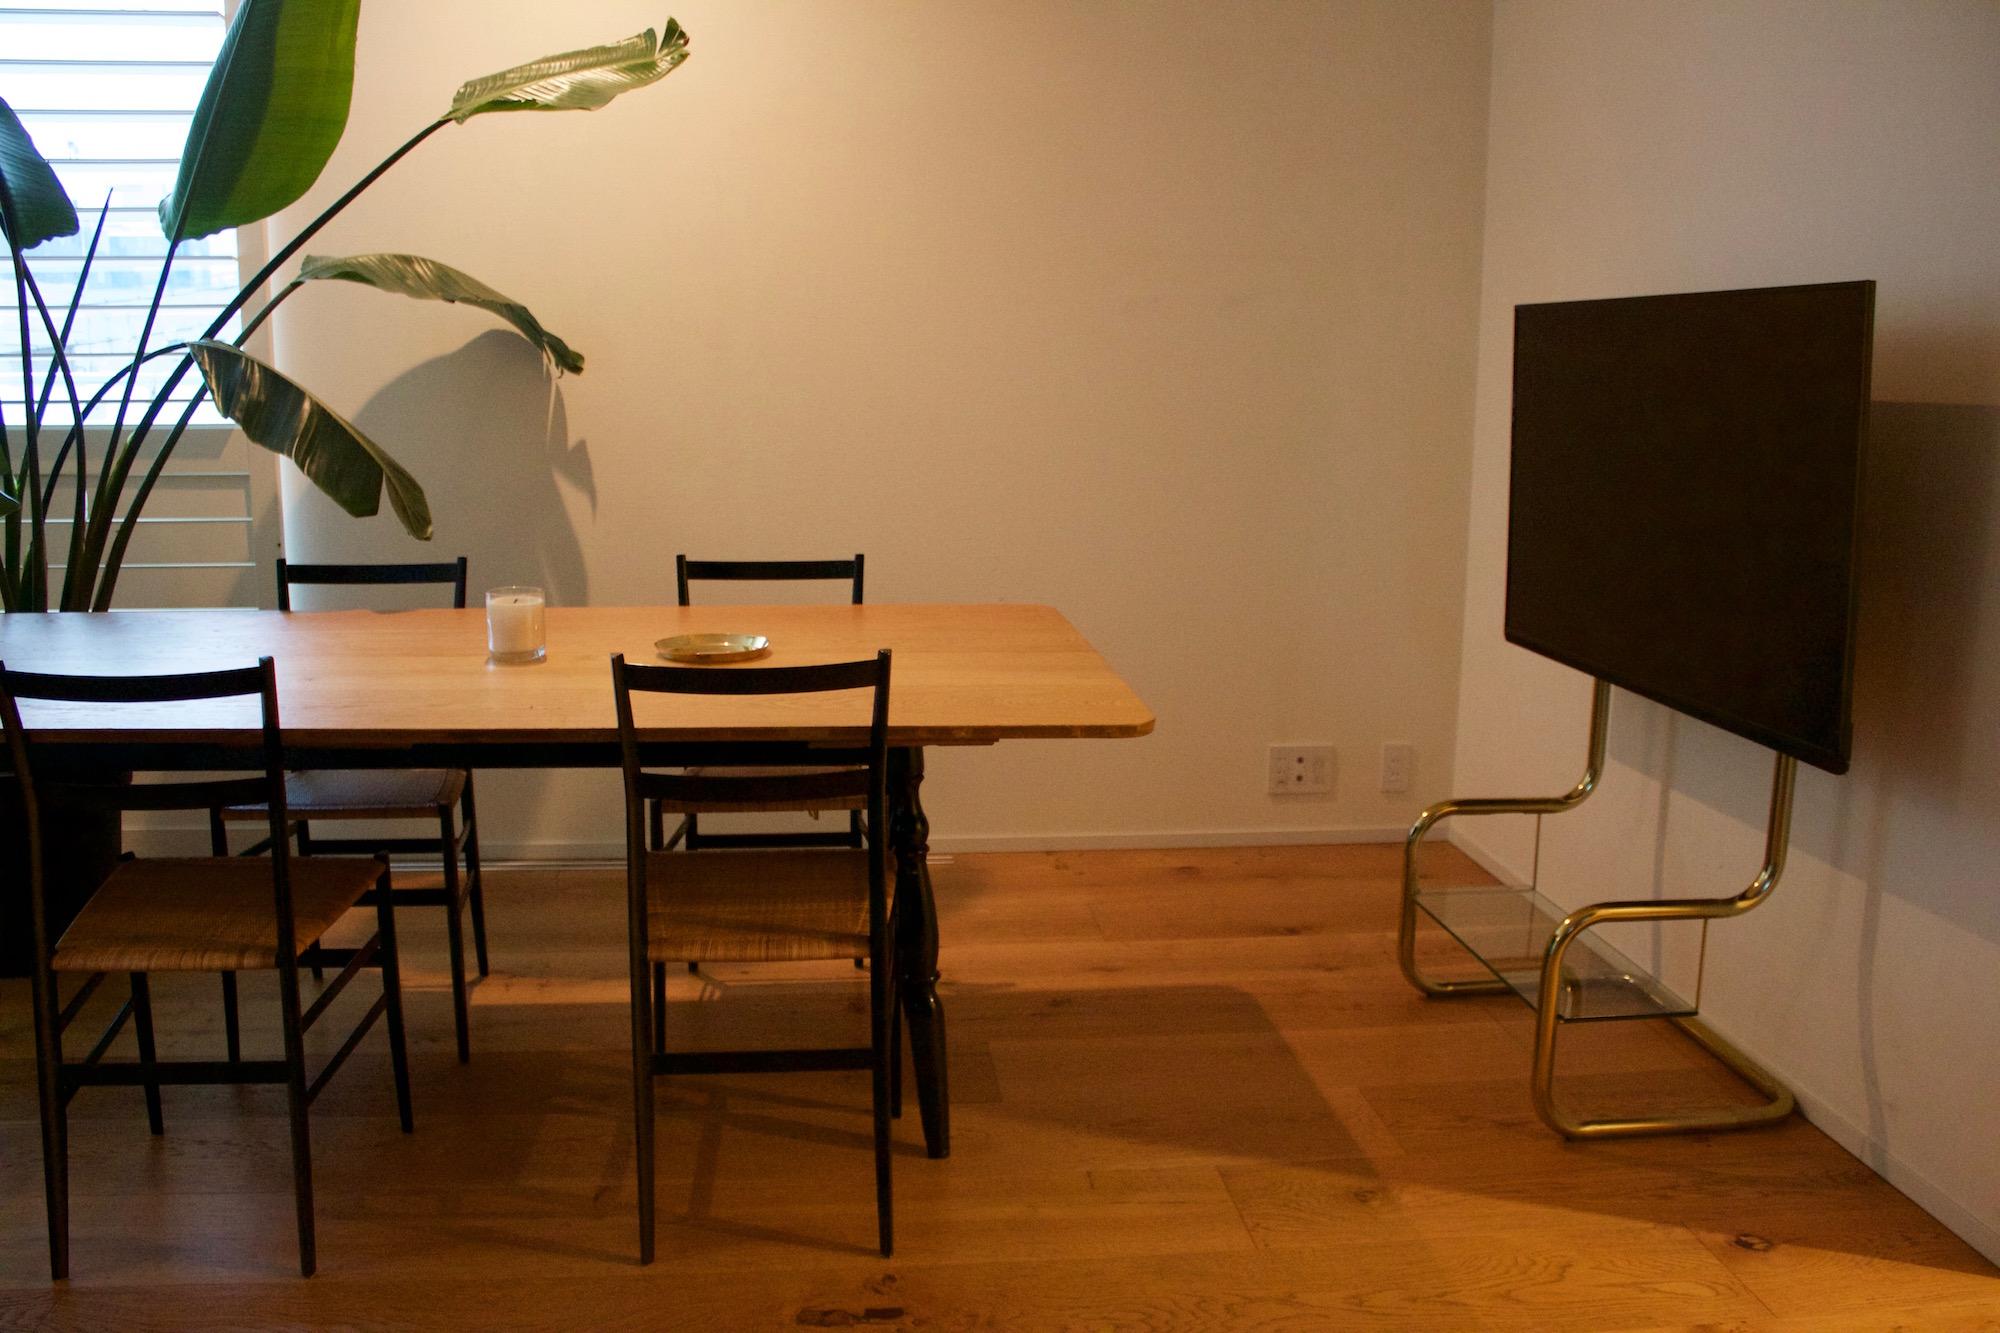 壁寄せテレビスタンド ダイニングテーブル テレビ 目の高さ 壁掛け 設置 高さ